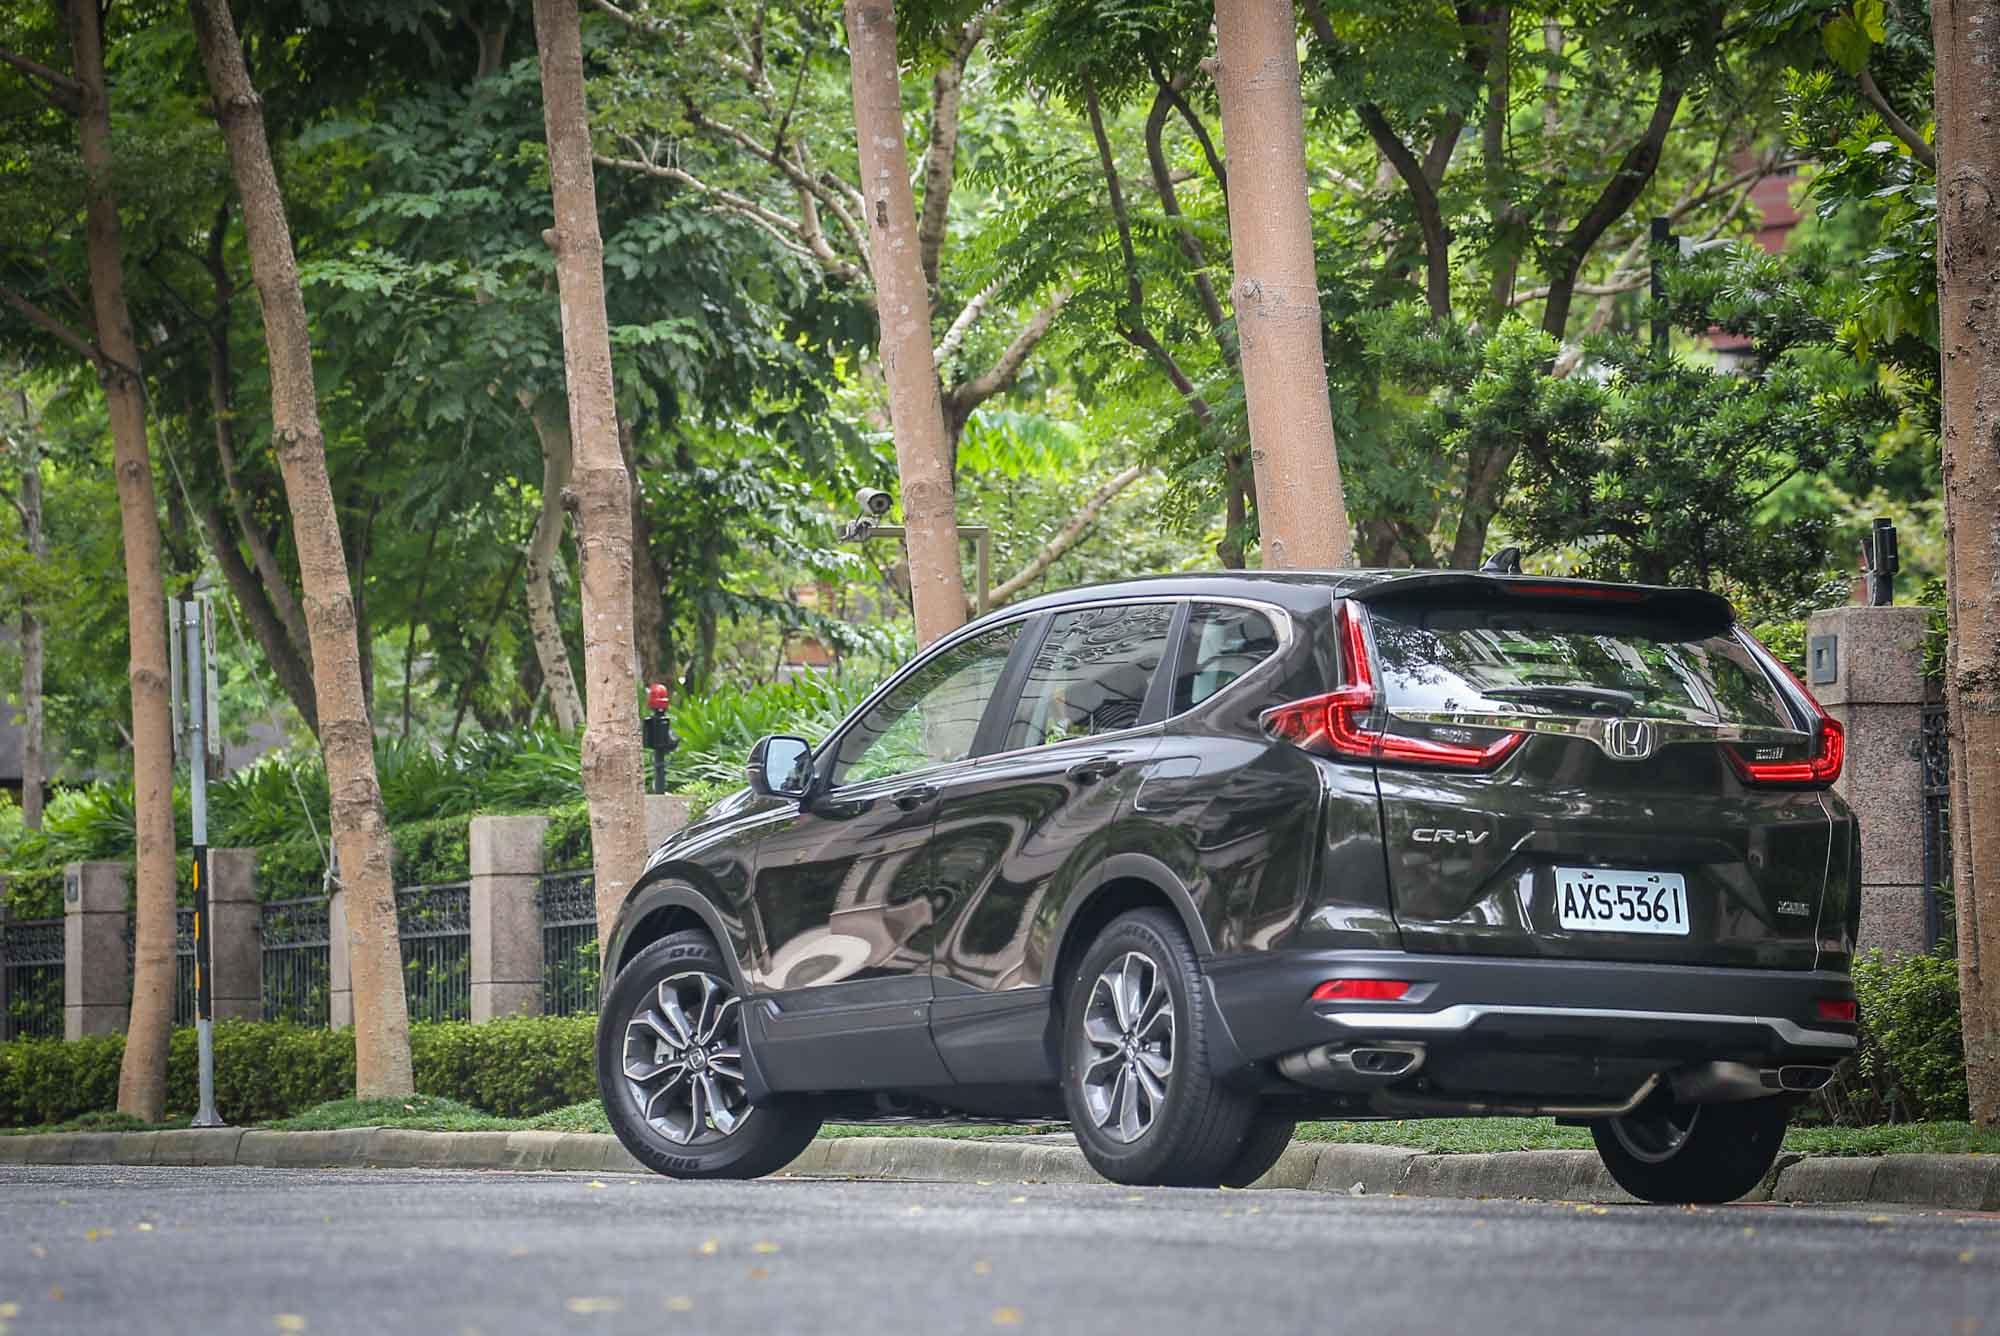 如何維持戰力保有 CR-V 的國產中型休旅王者地位,相信是車迷期待也是 Honda Taiwan 需要繼續努力的重要課題。